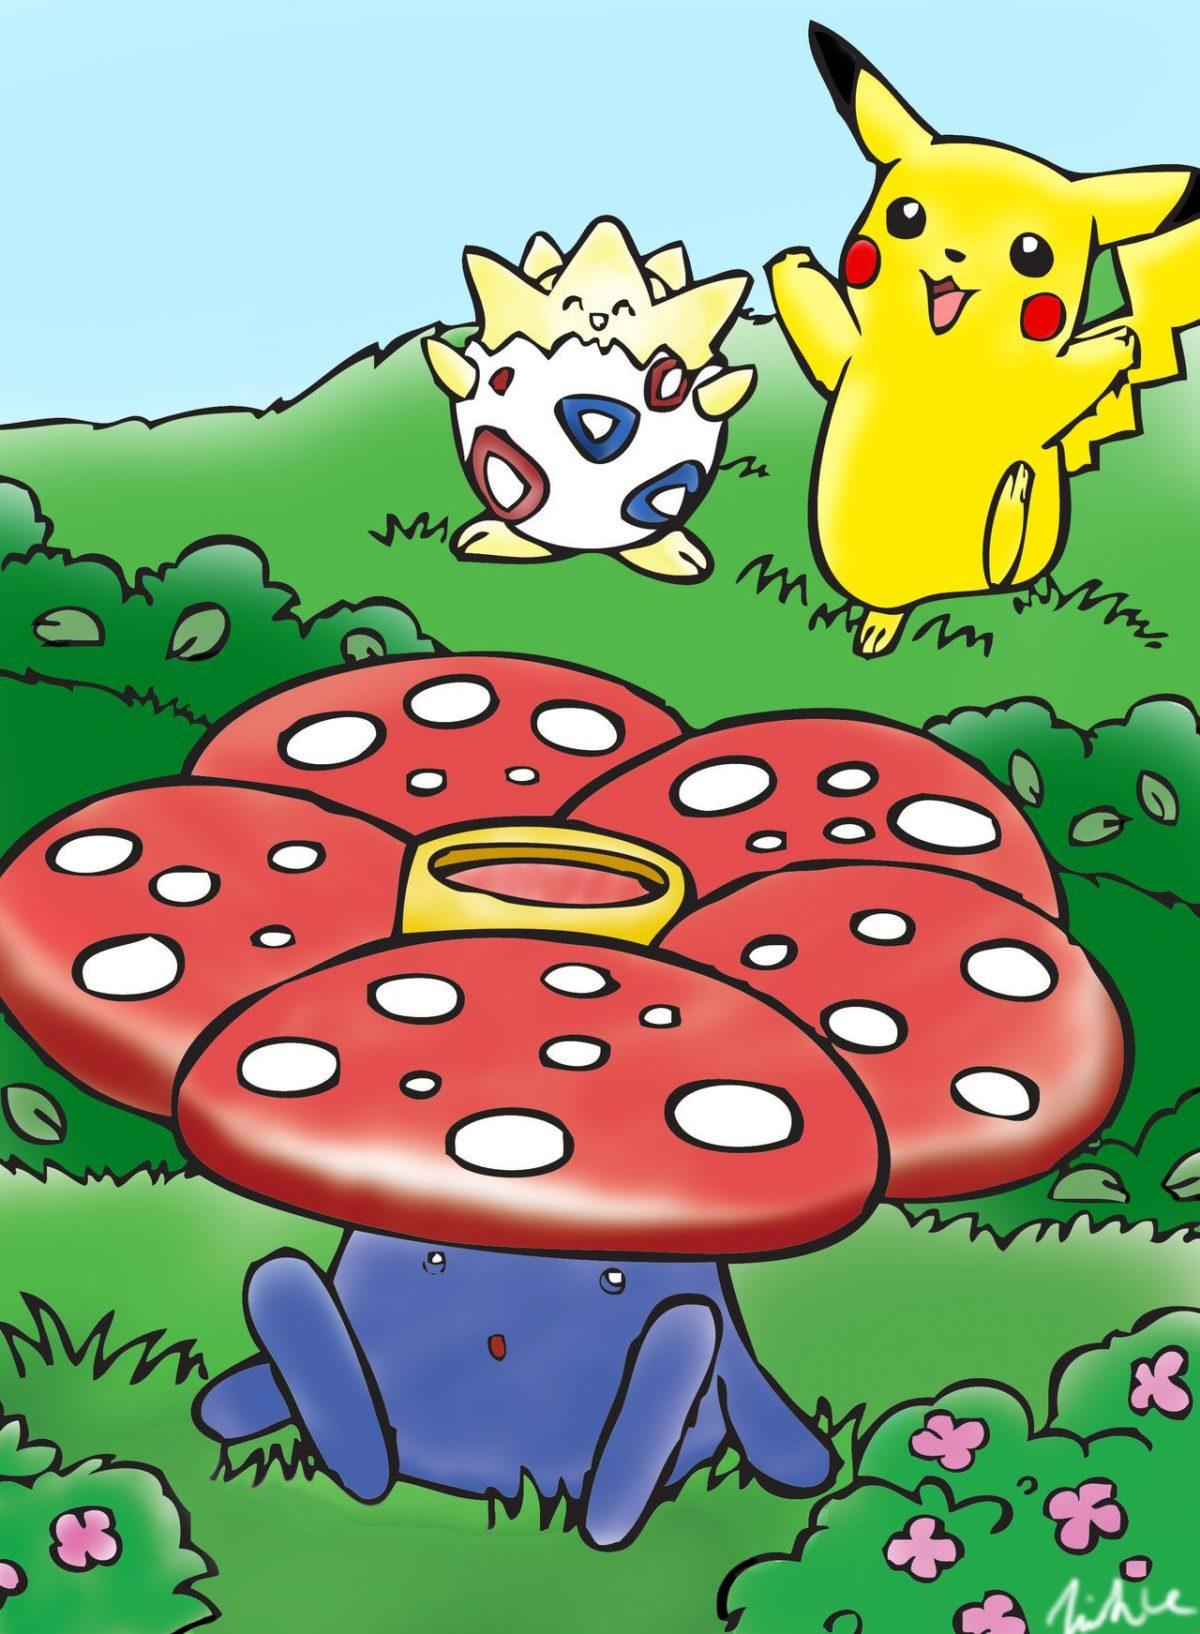 Pikachu, Togepi and Vileplume by vinh291 on DeviantArt